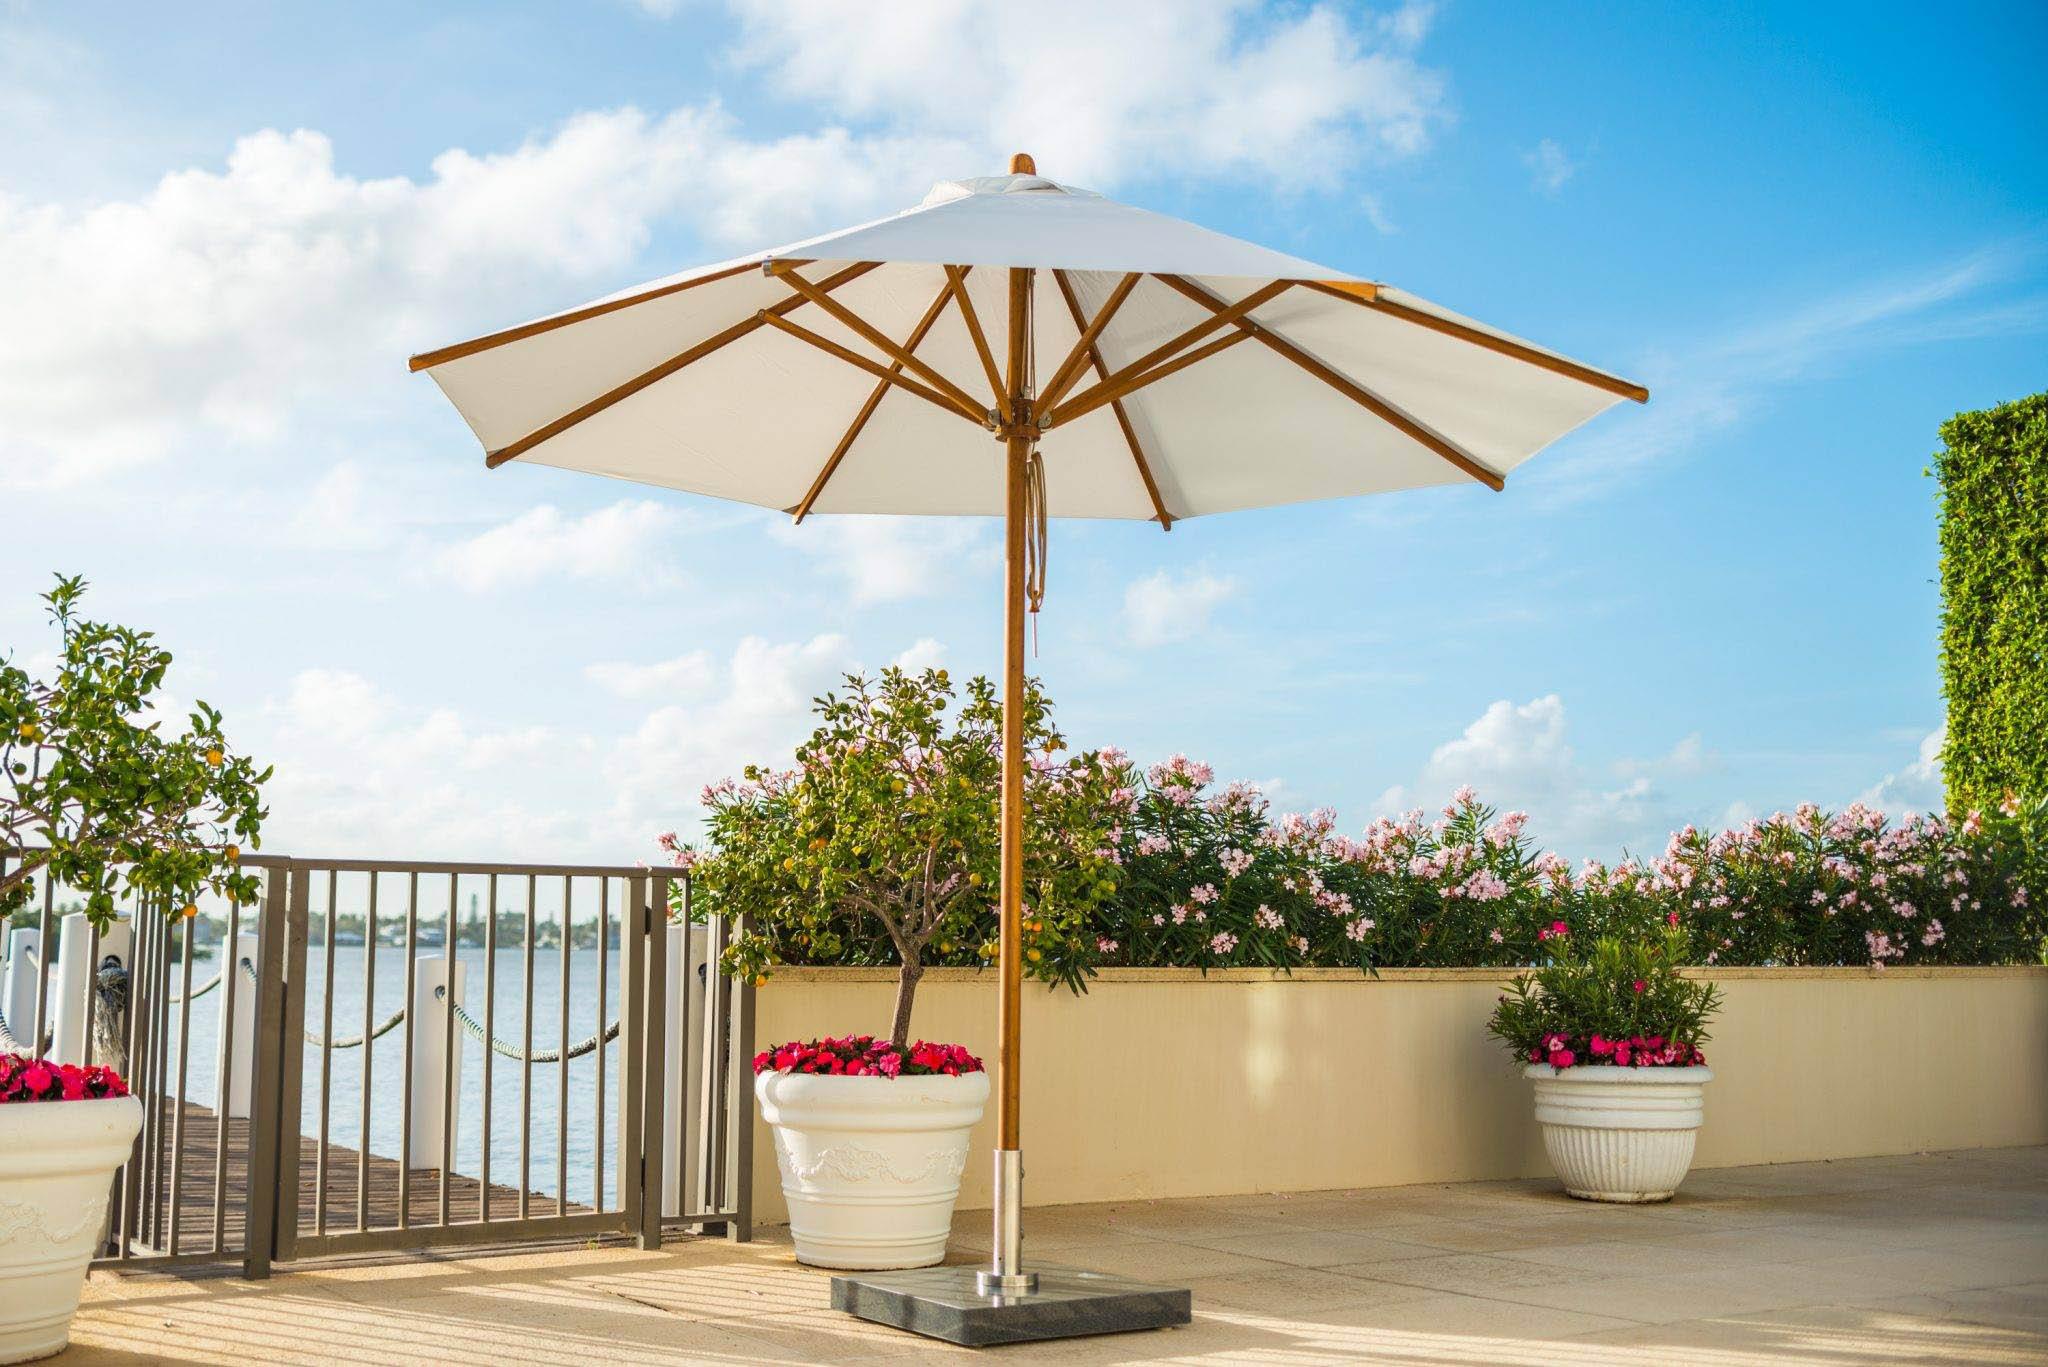 A wooden frame umbrella